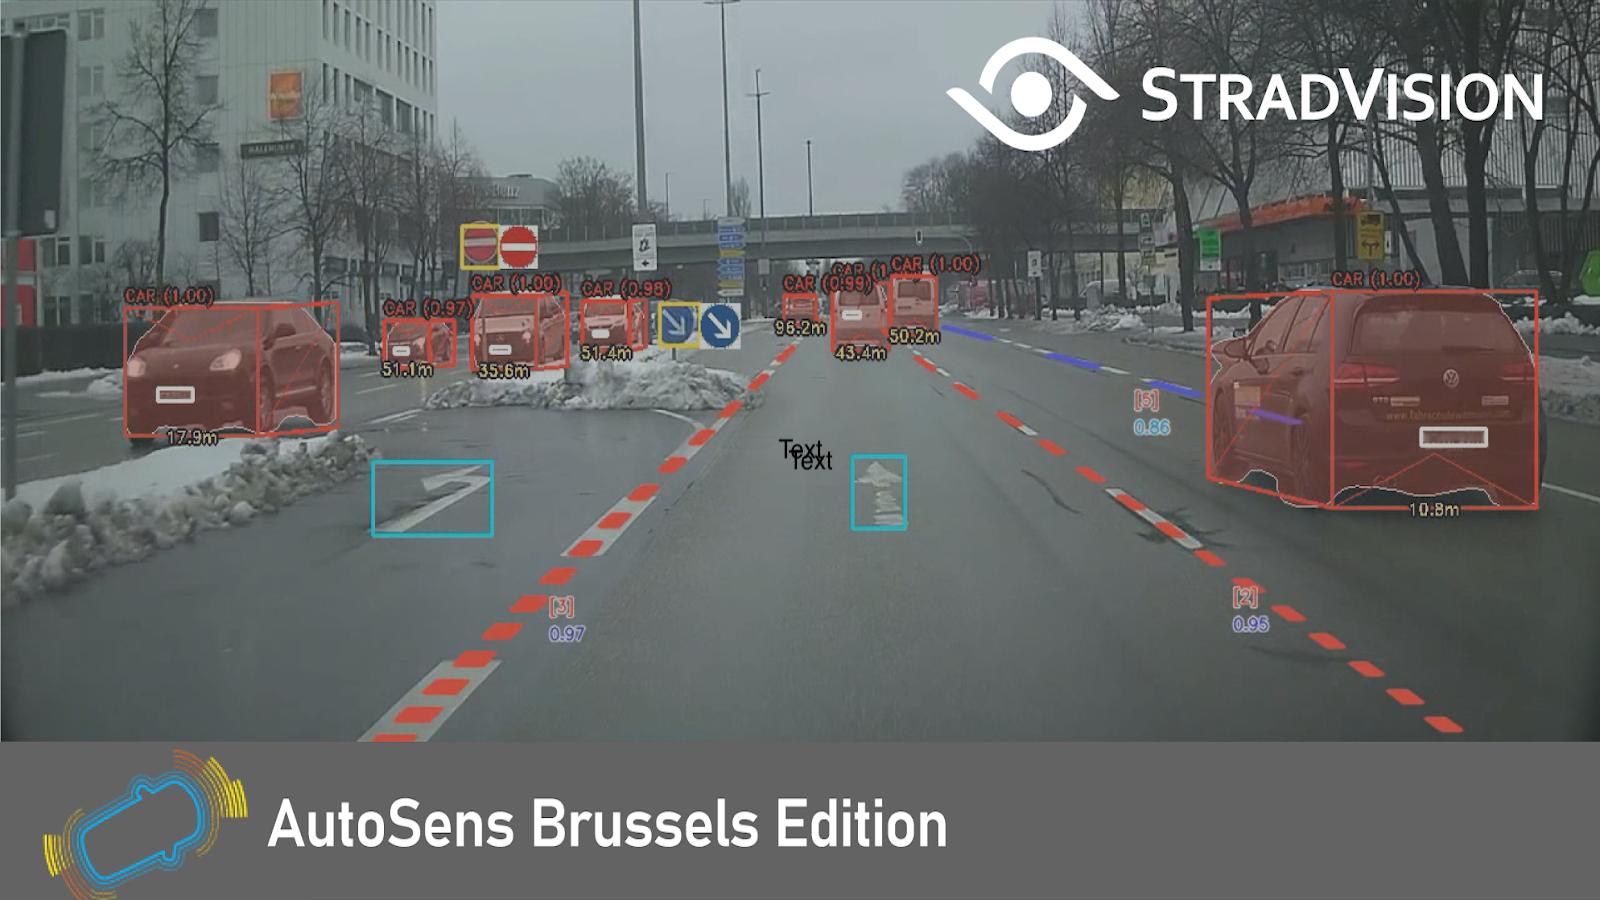 ディープラーニングによる高性能認識カメラで自動運転車の未来を担うStradVision